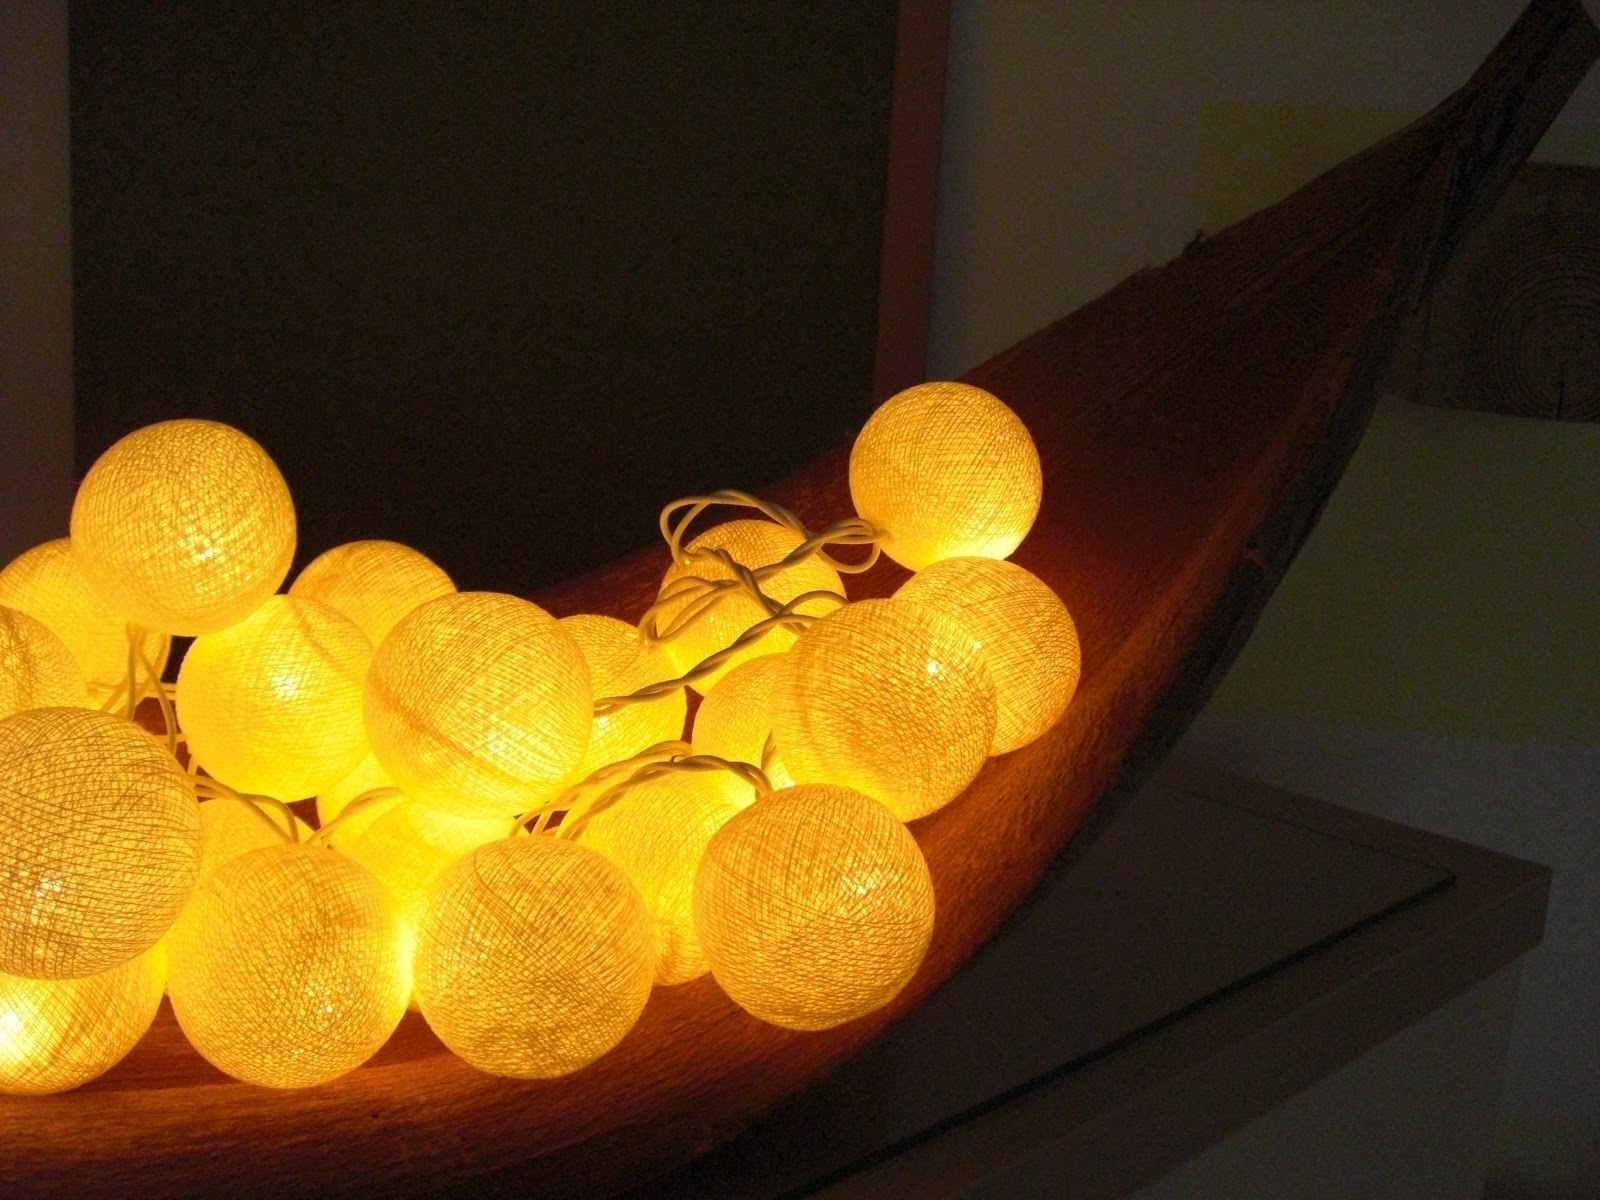 beauty und lifestyle zauberhafte lichterkette von lichterketten experte. Black Bedroom Furniture Sets. Home Design Ideas